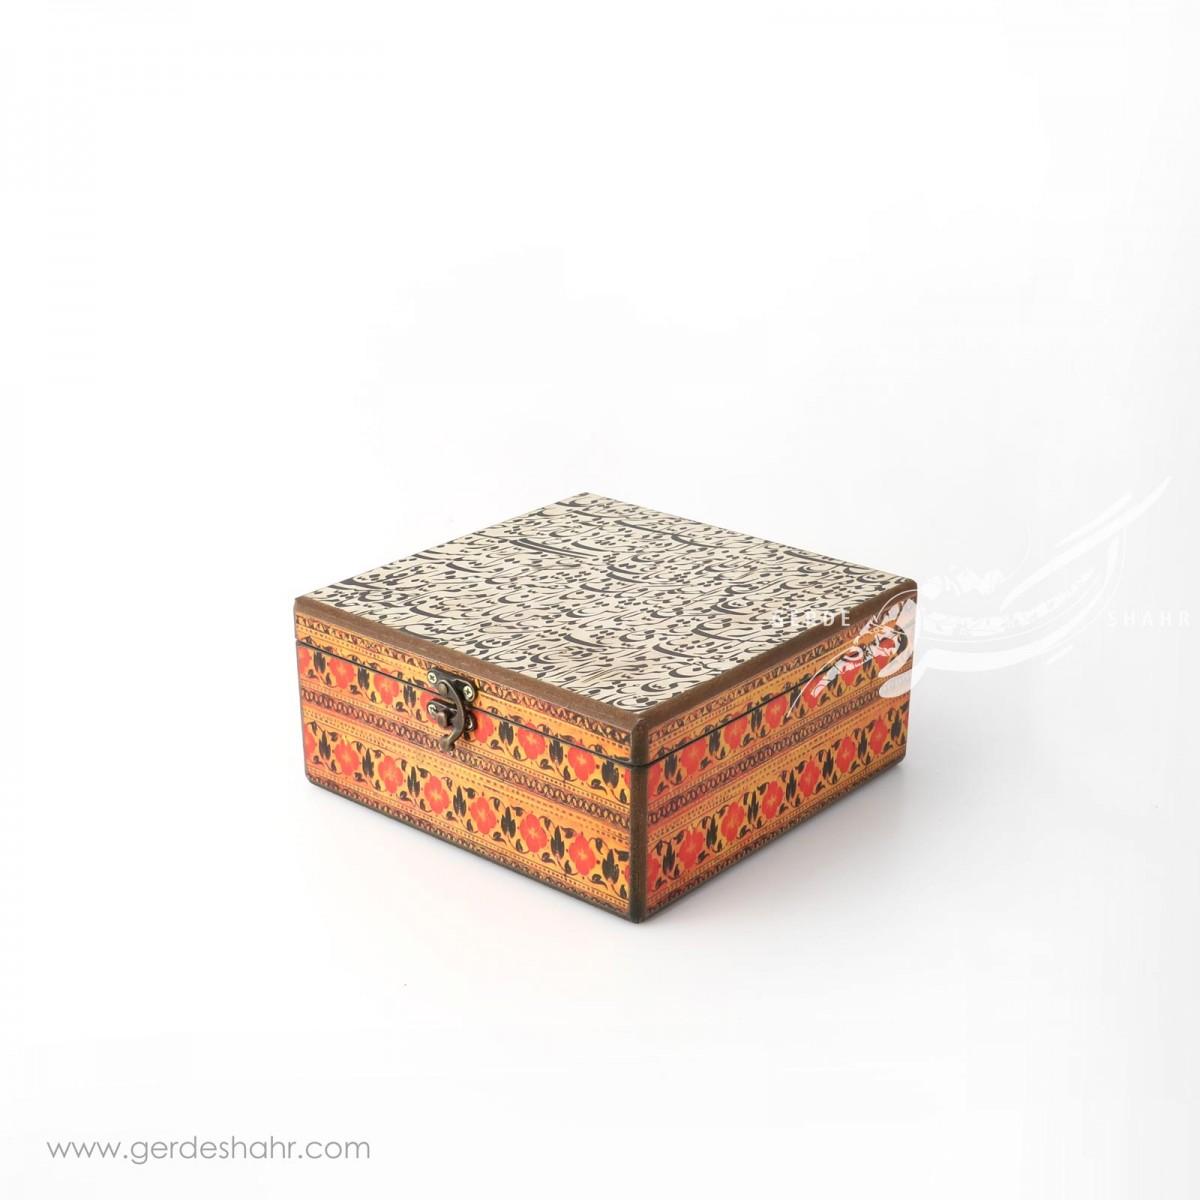 جعبه چوبی سیاه مشق سایز ۲۰ هفتگان جعبه و صندوقچه